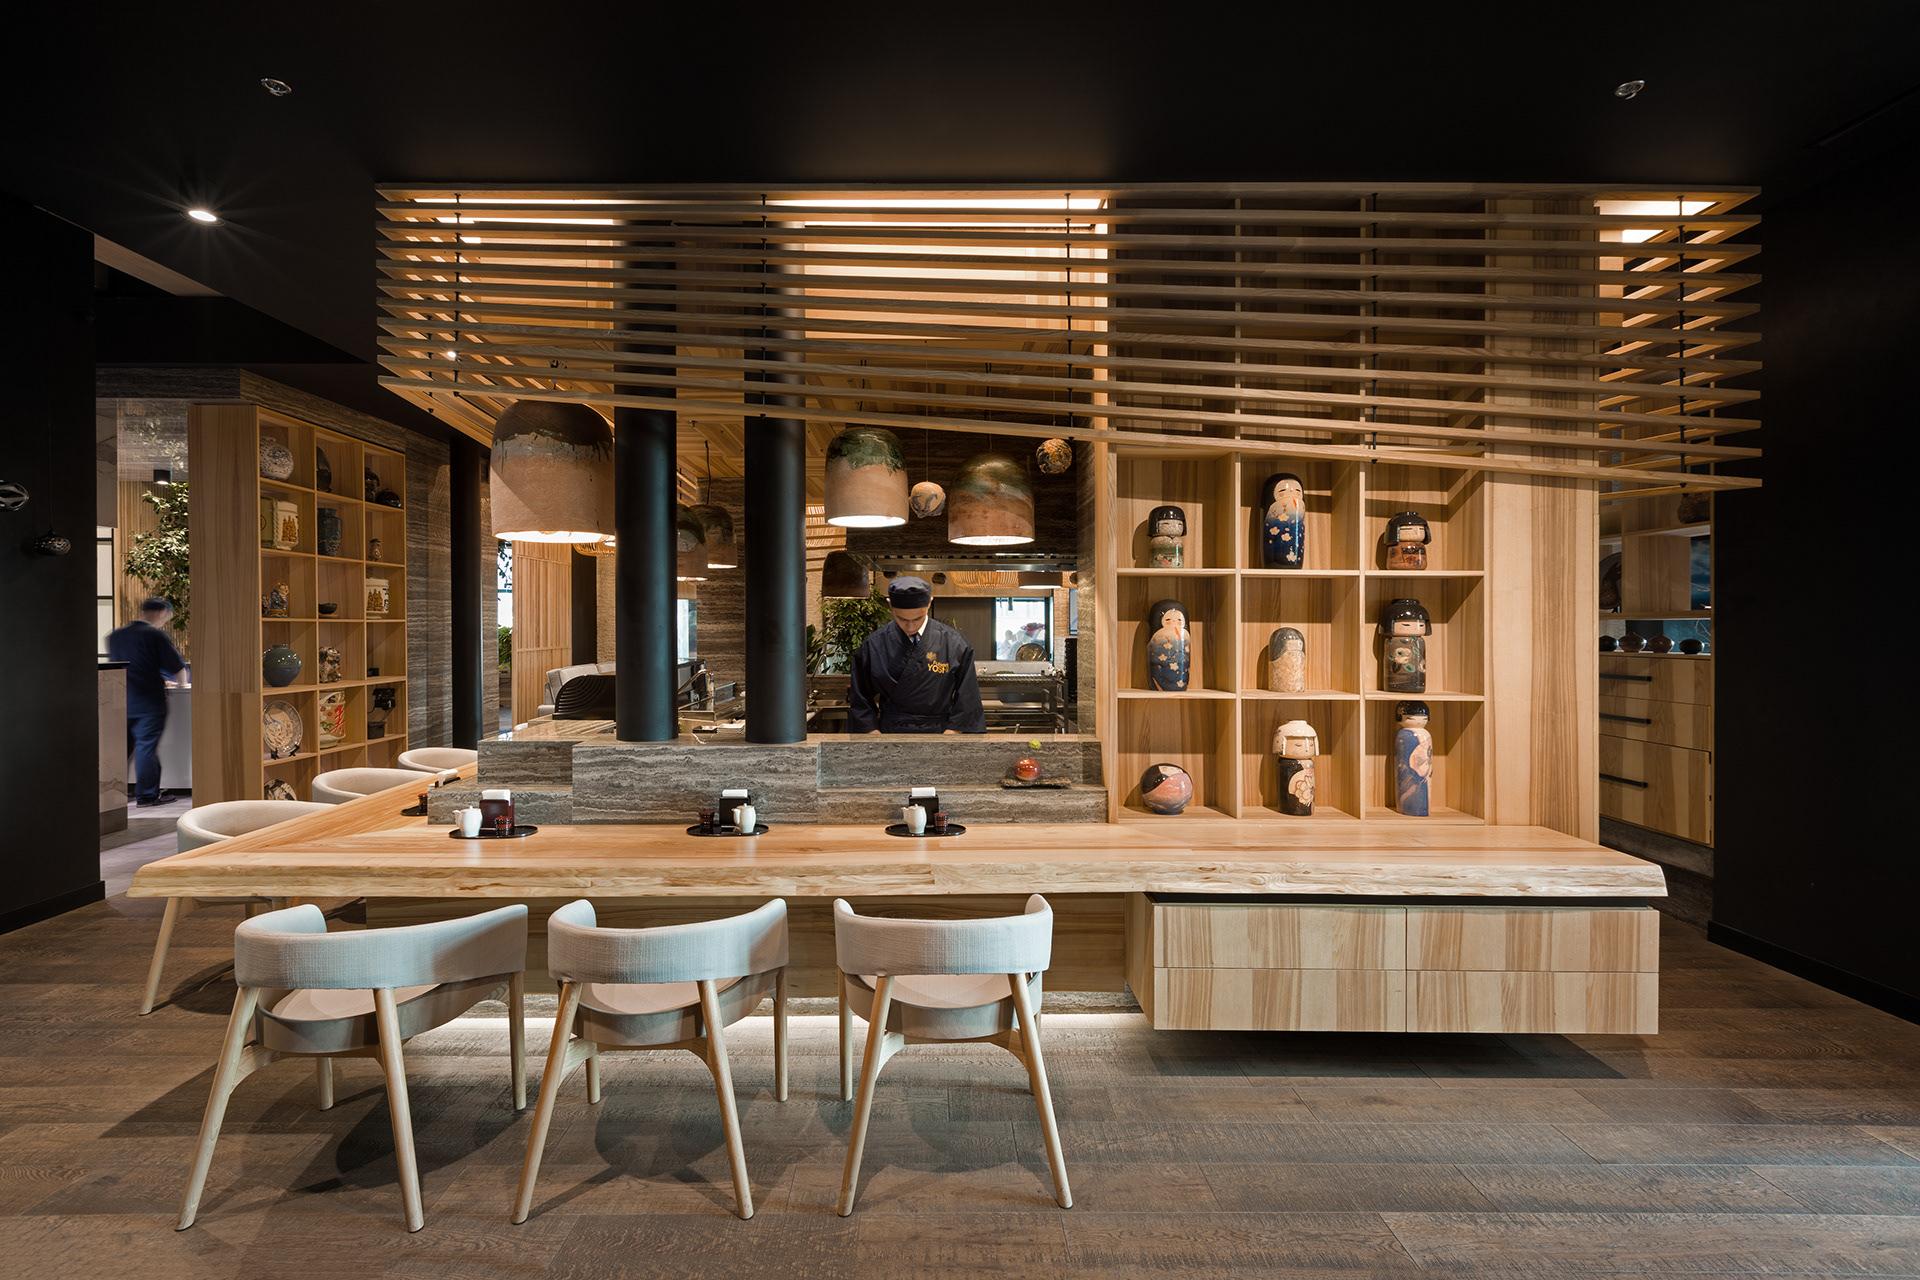 Thiết kế nhà hàng kiểu Nhật sang trọng